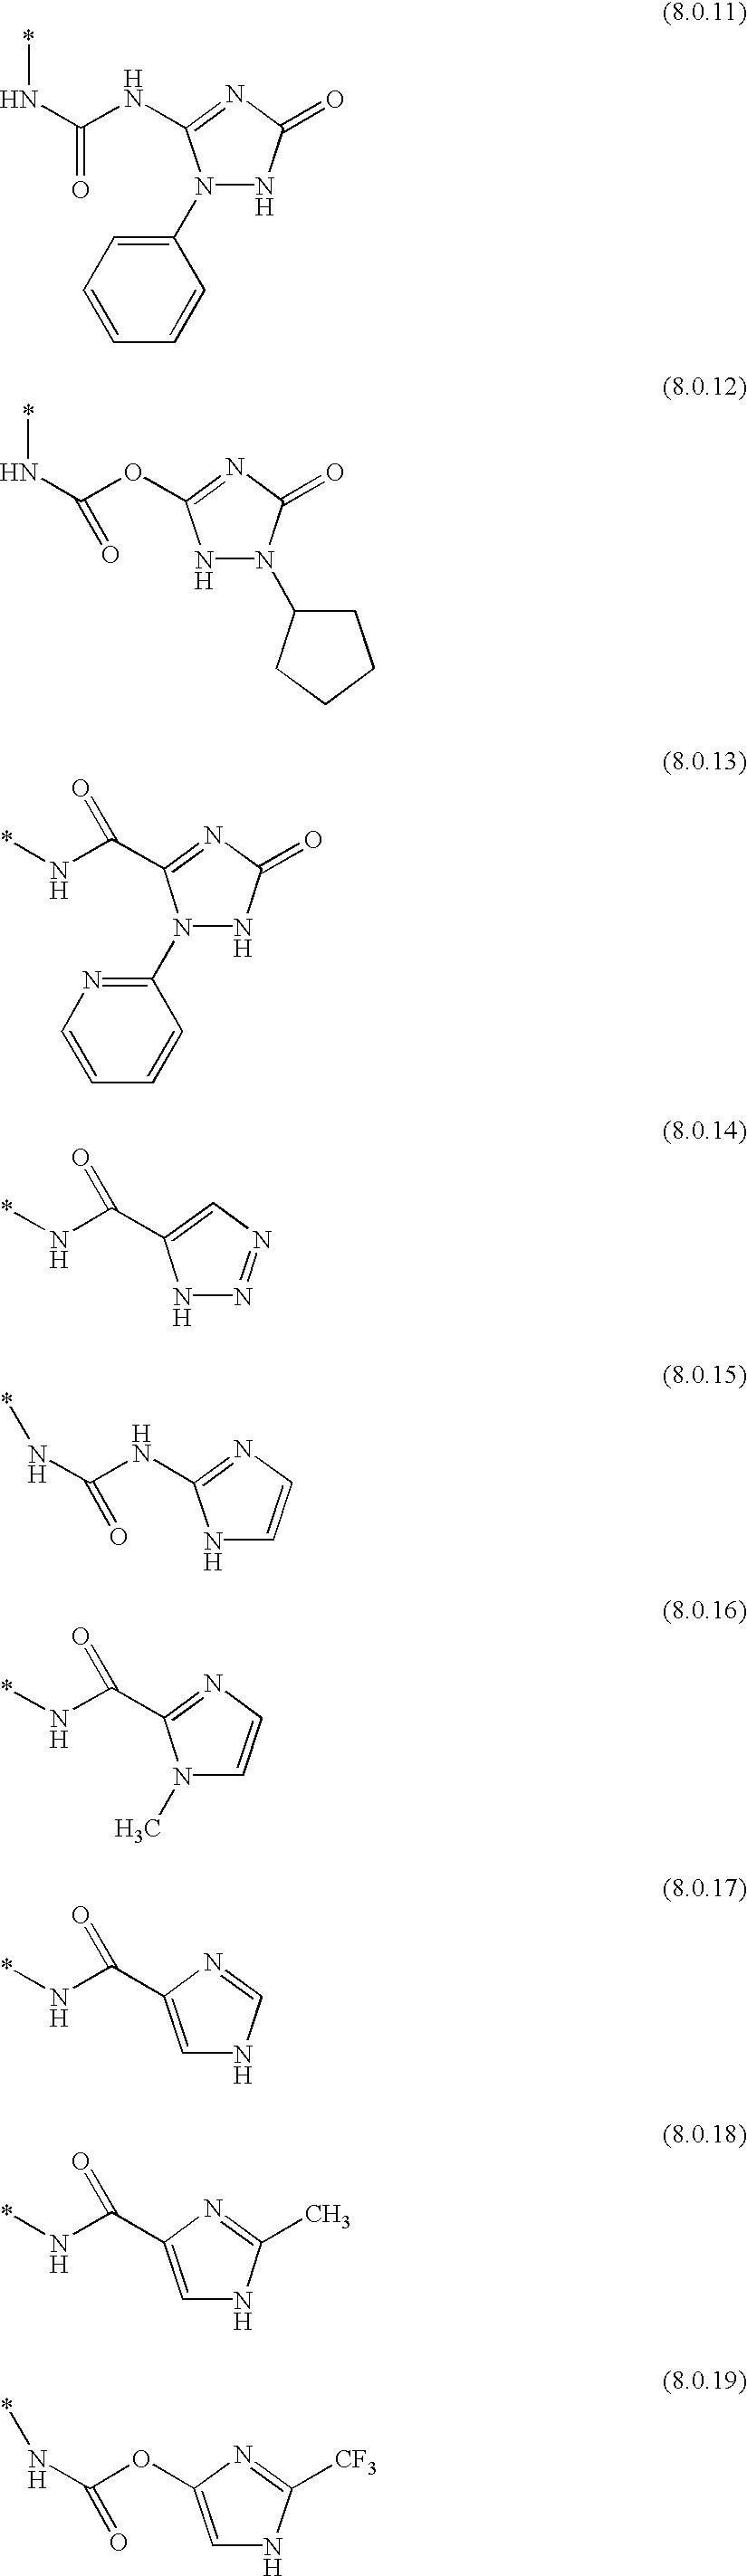 Figure US20030186974A1-20031002-C00205